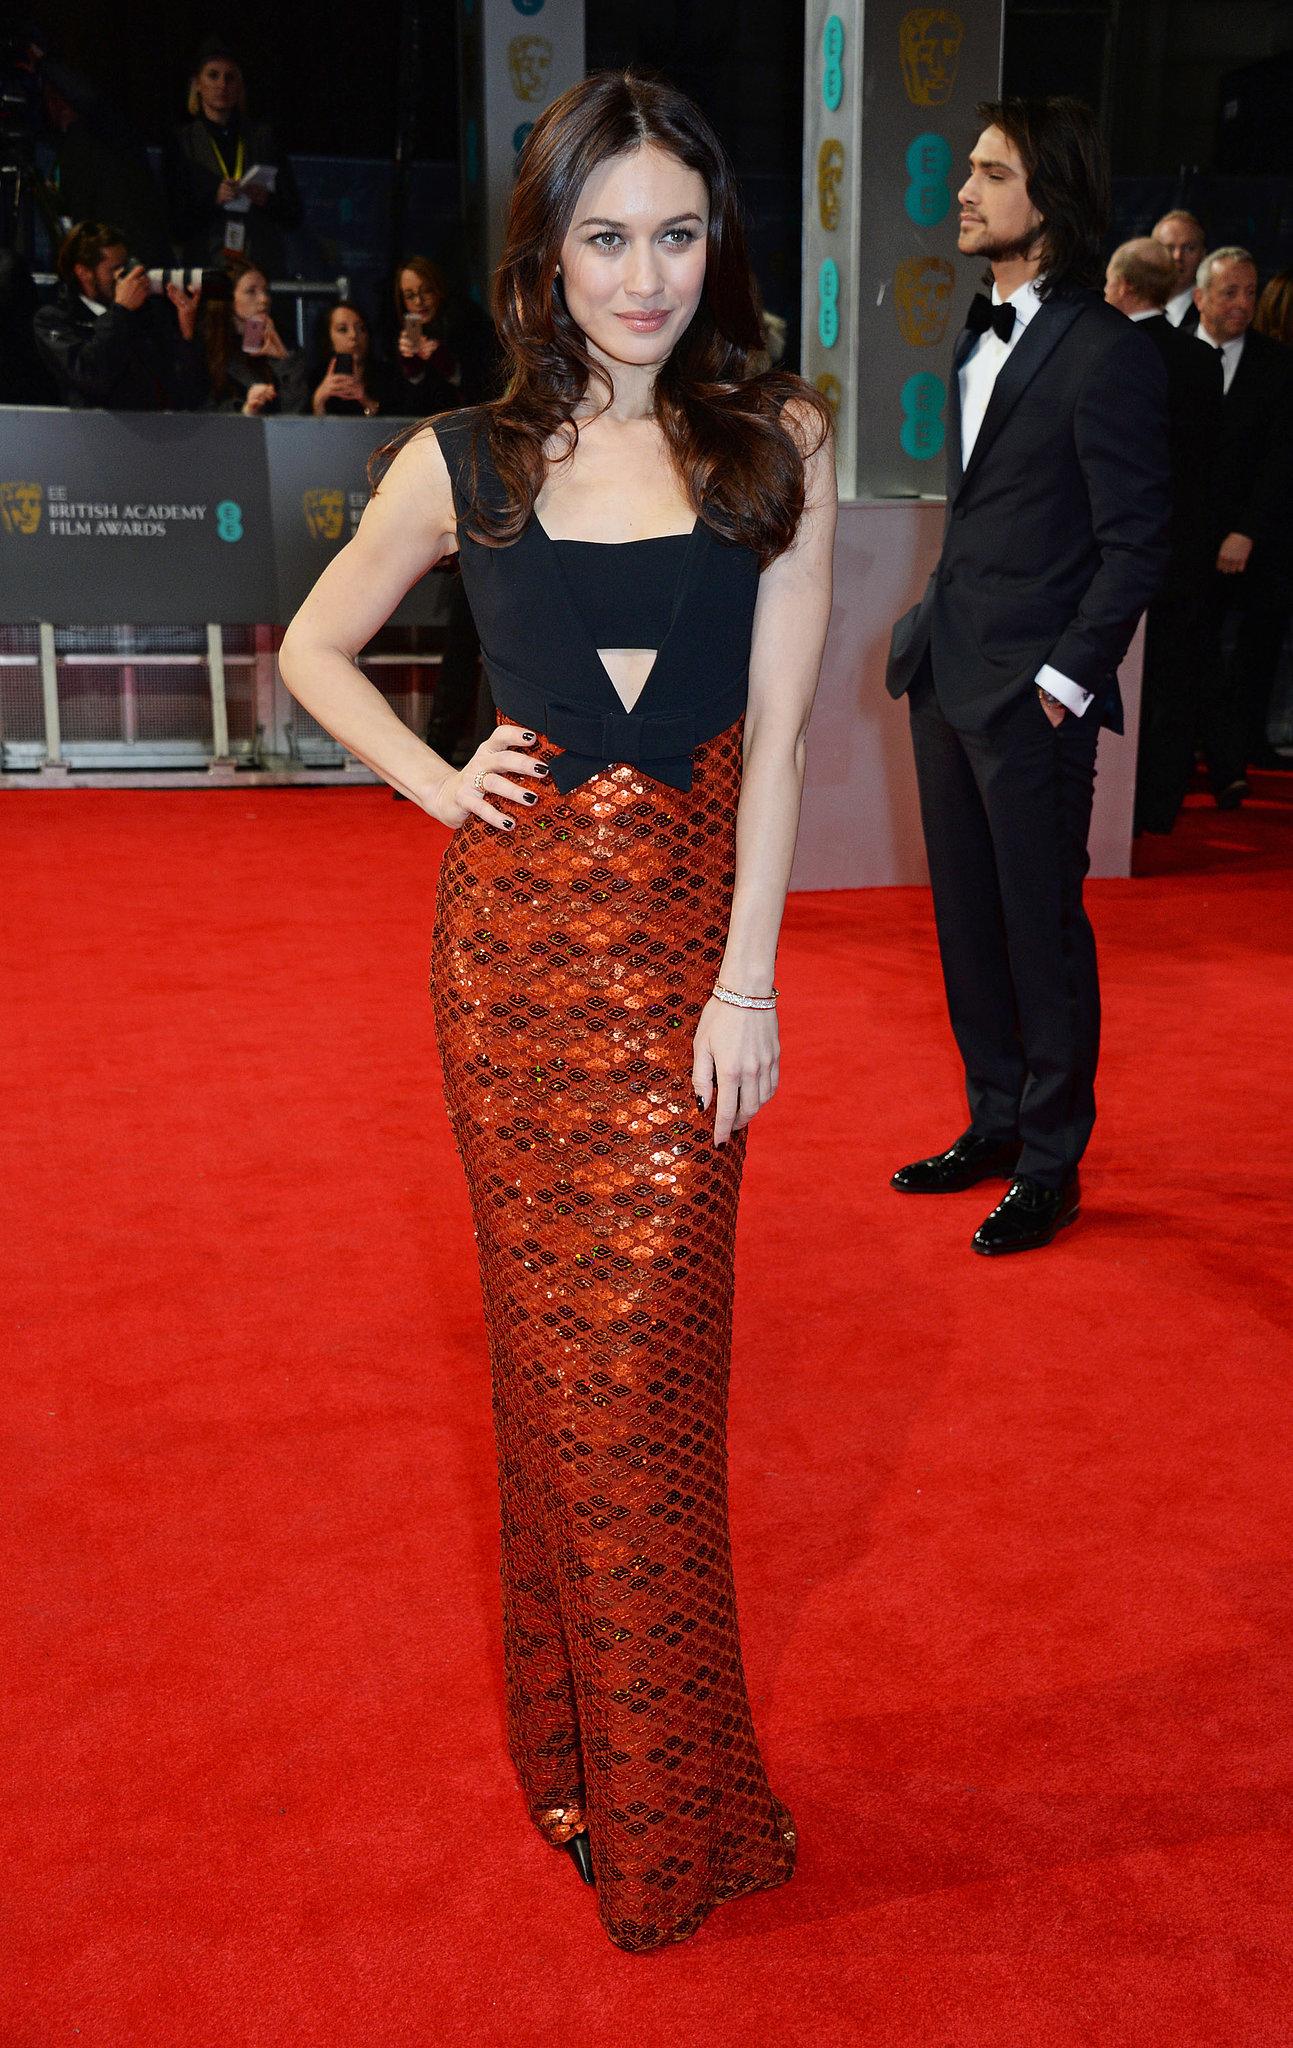 Olga Kurylenko on the 2014 BAFTA Red Carpet